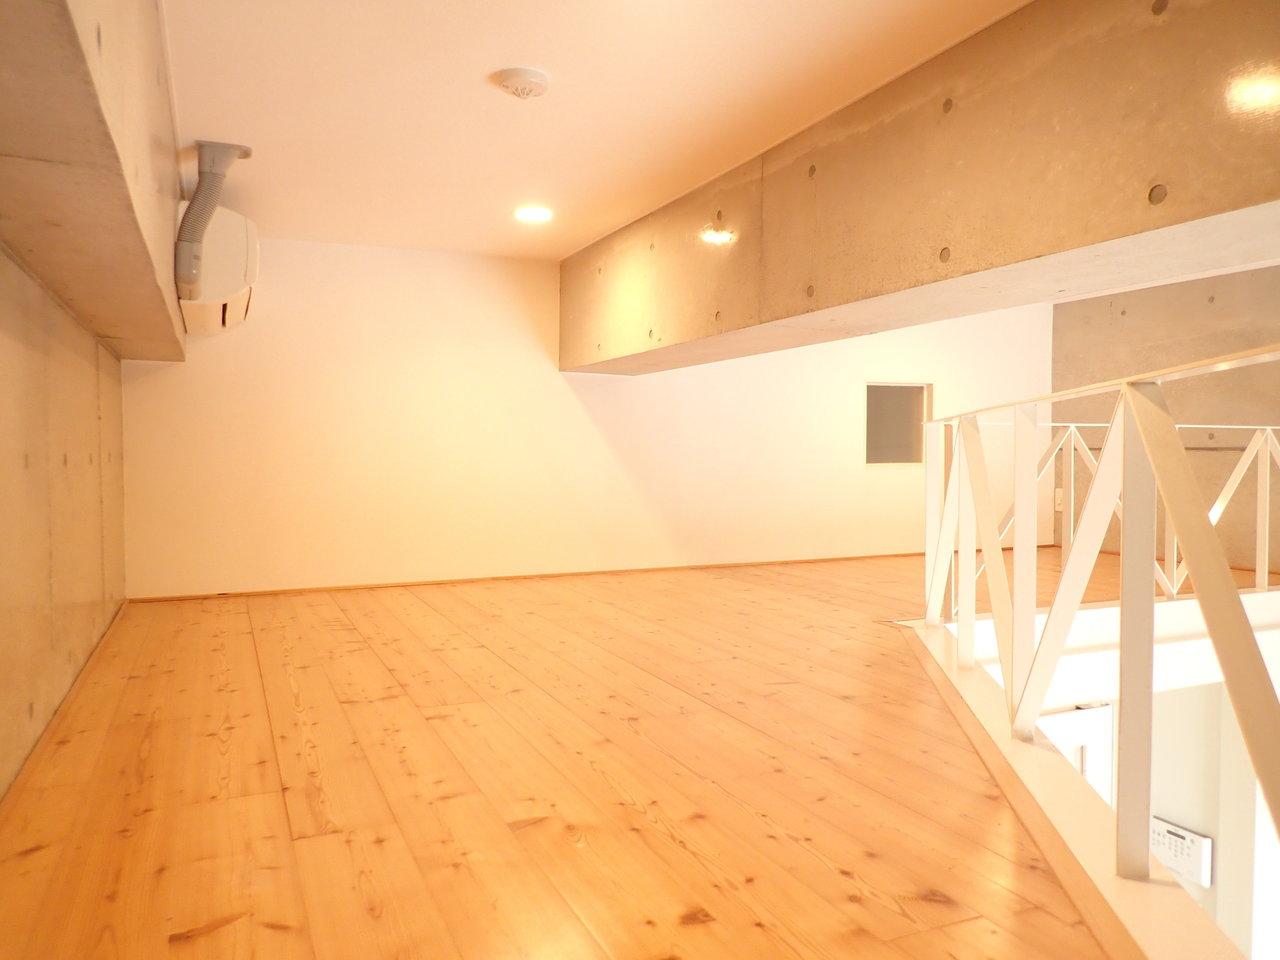 ロフト部分も十分な活用スペースになります。寝室に使ったり、収納スペースが少ない分、物置に使えたりと自由度は高めです。